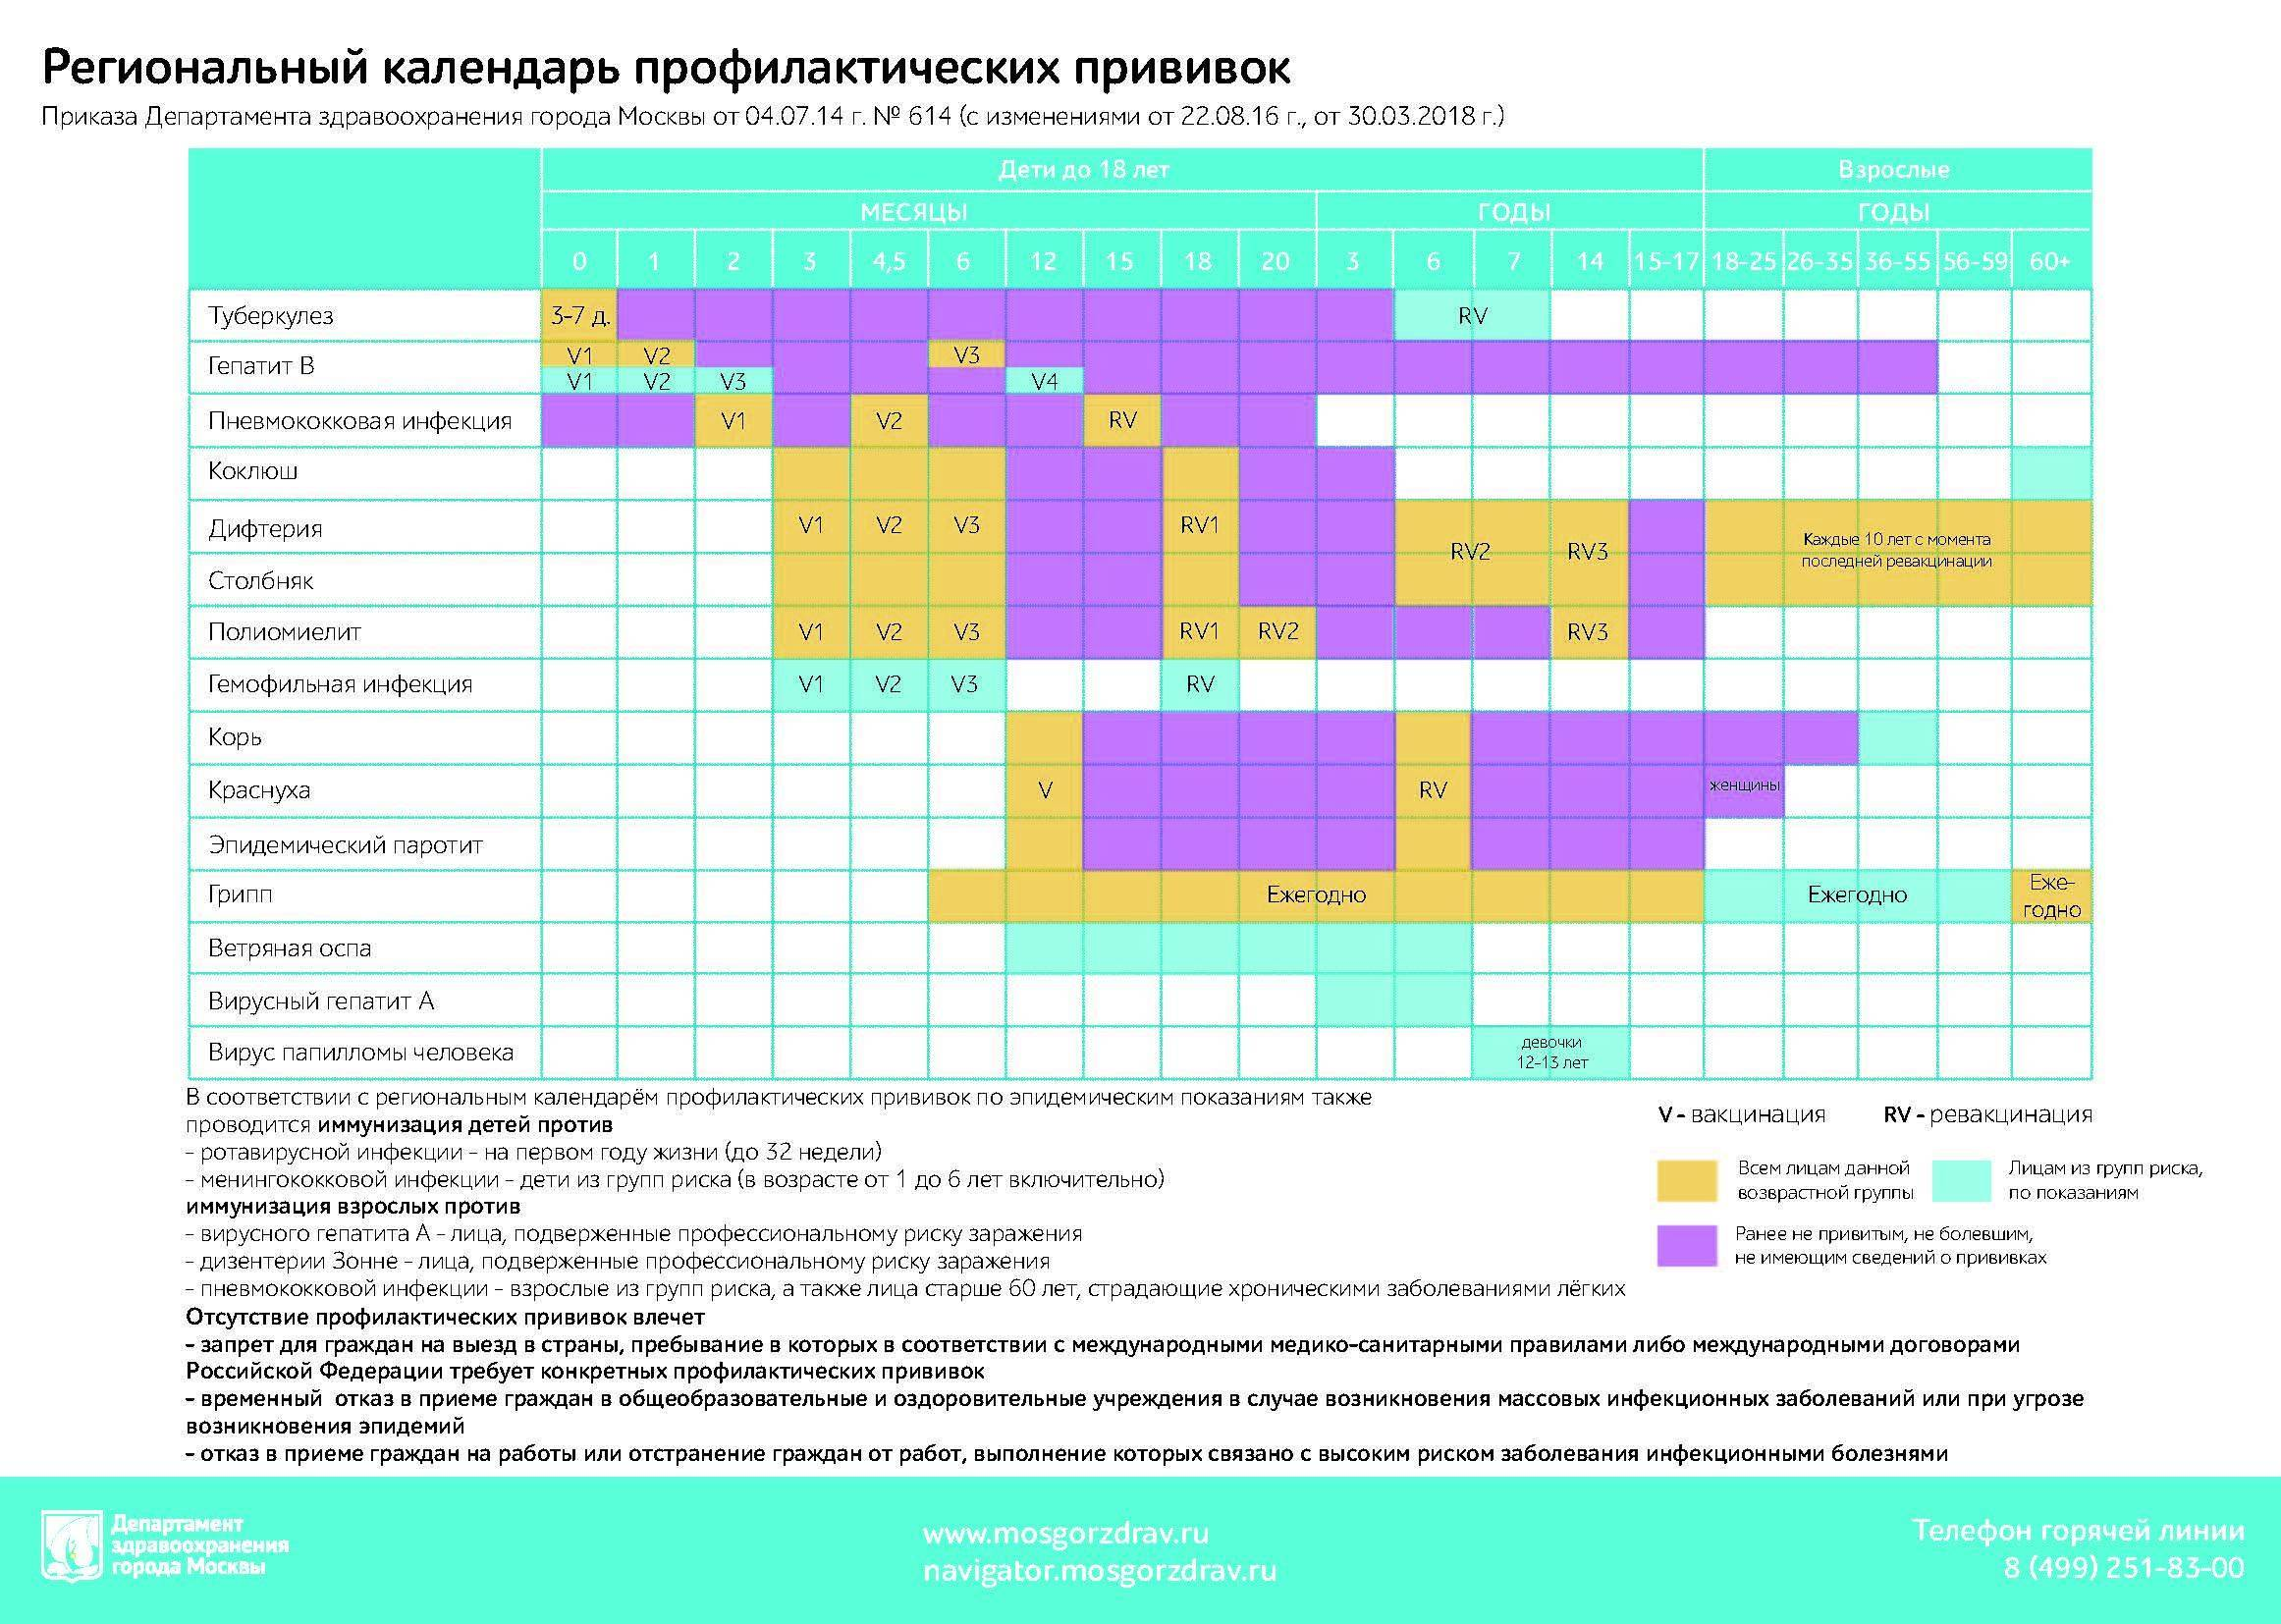 Календарь прививок для детей до 1 года в 2021 году: график по месяцам